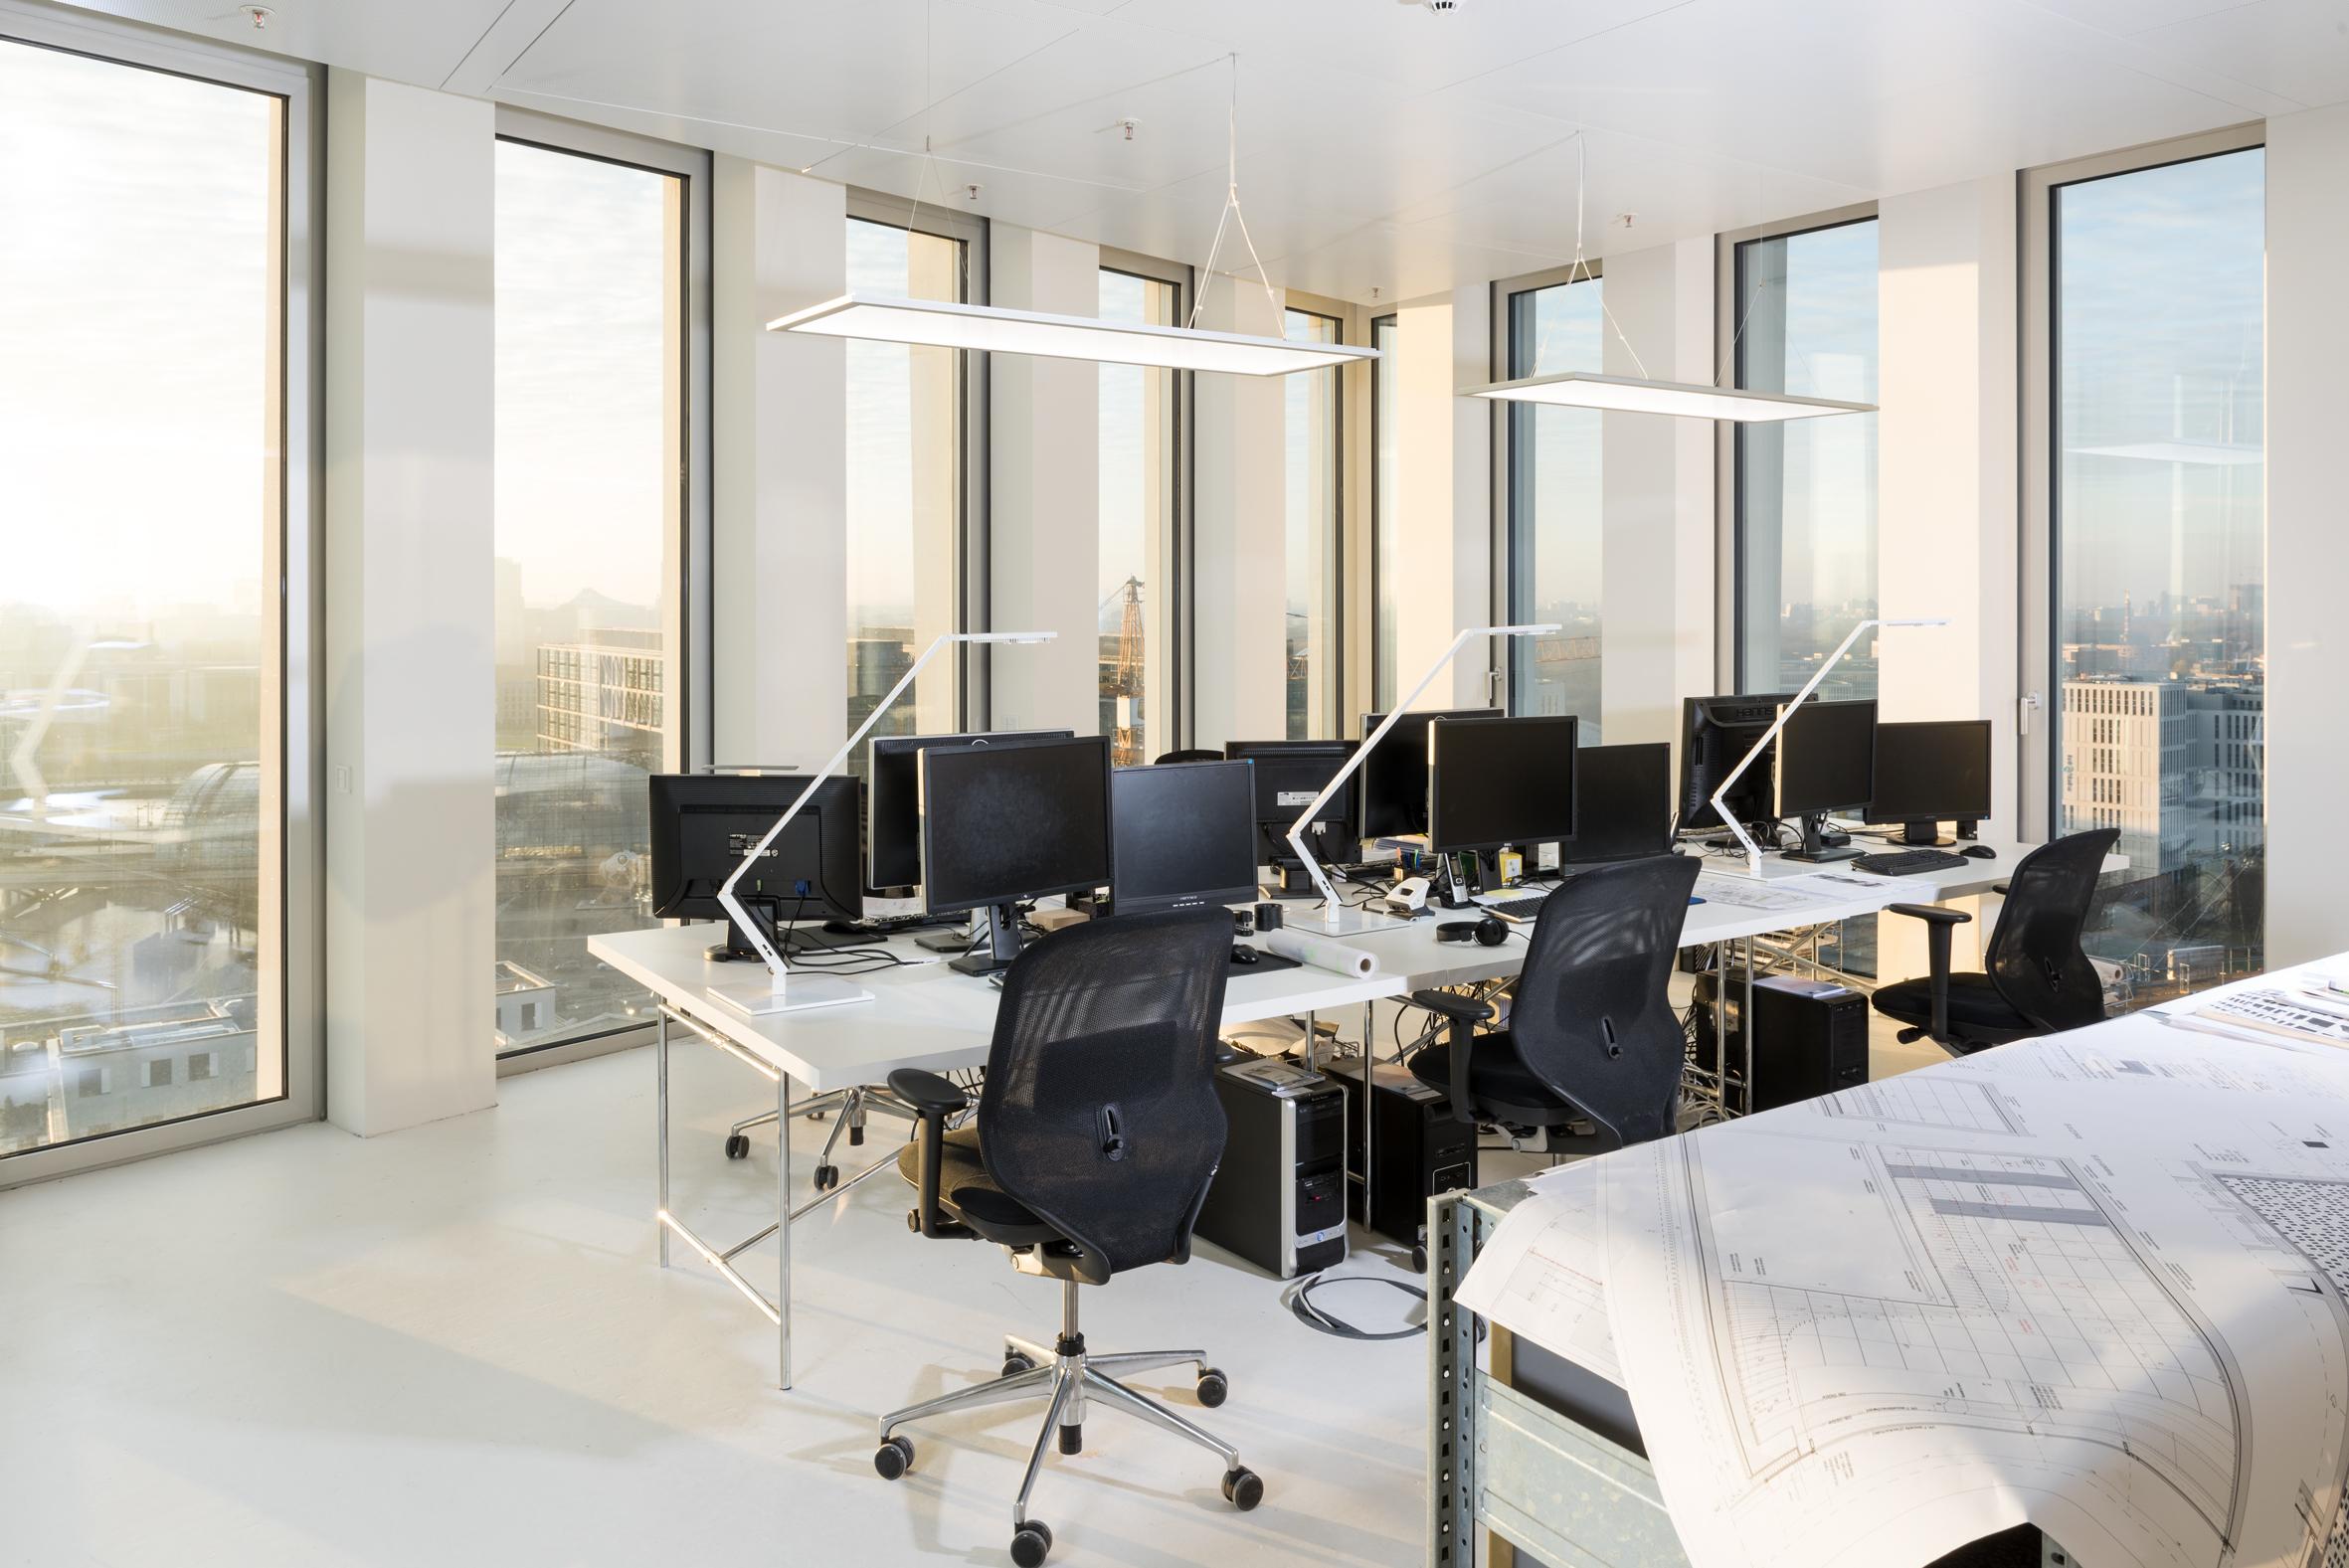 Luci Per Ufficio Milano : Berlino atelier eike becker architekten luce per l ufficio